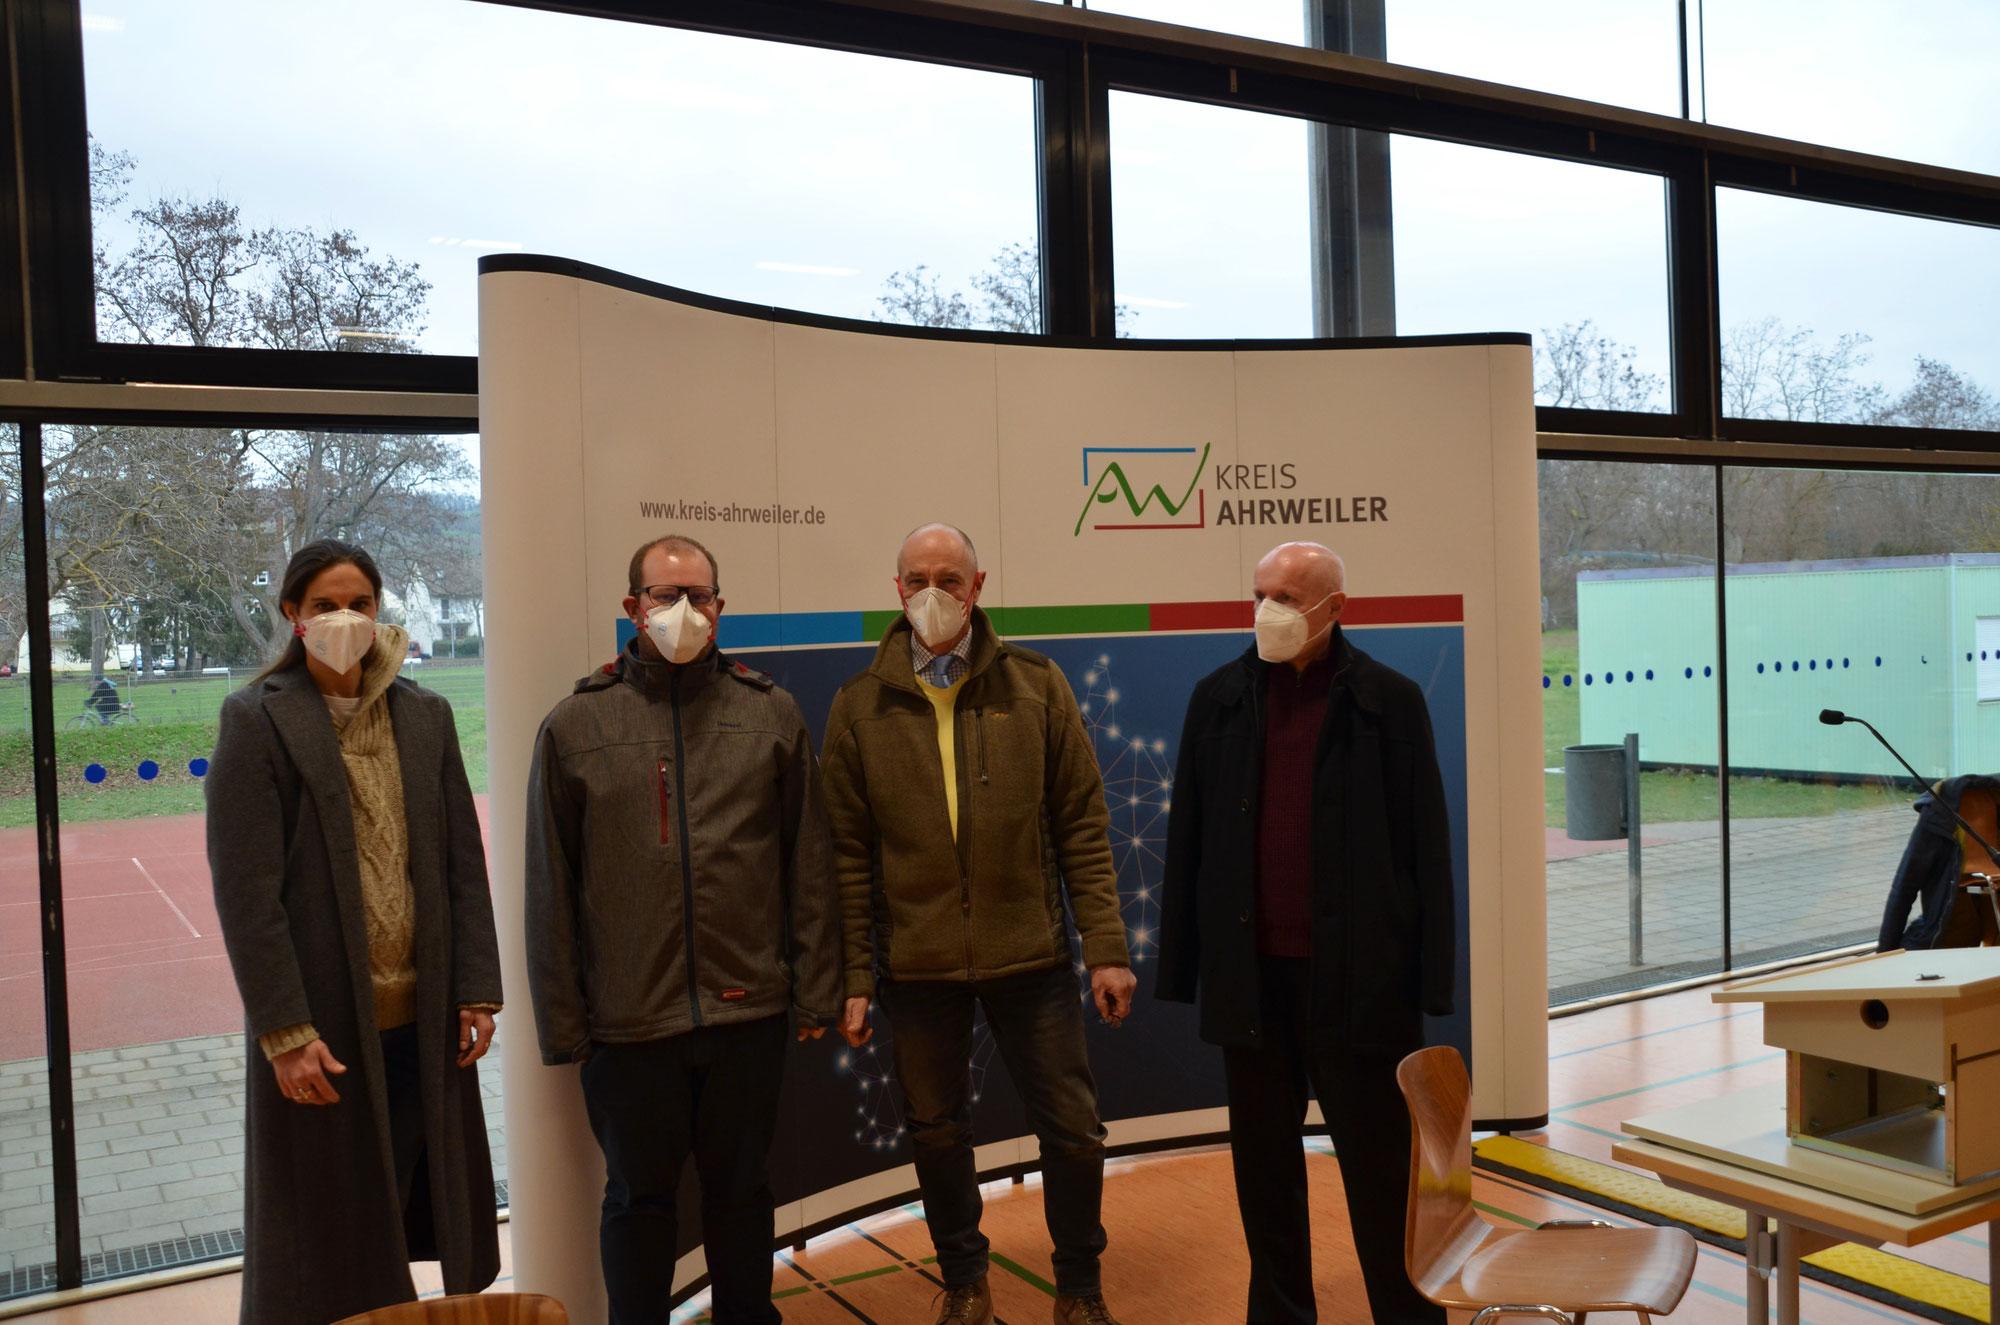 FDP begrüßt Senkung der Kreisumlage - Haushalt der Vorsicht, Vorsorge und Fairness